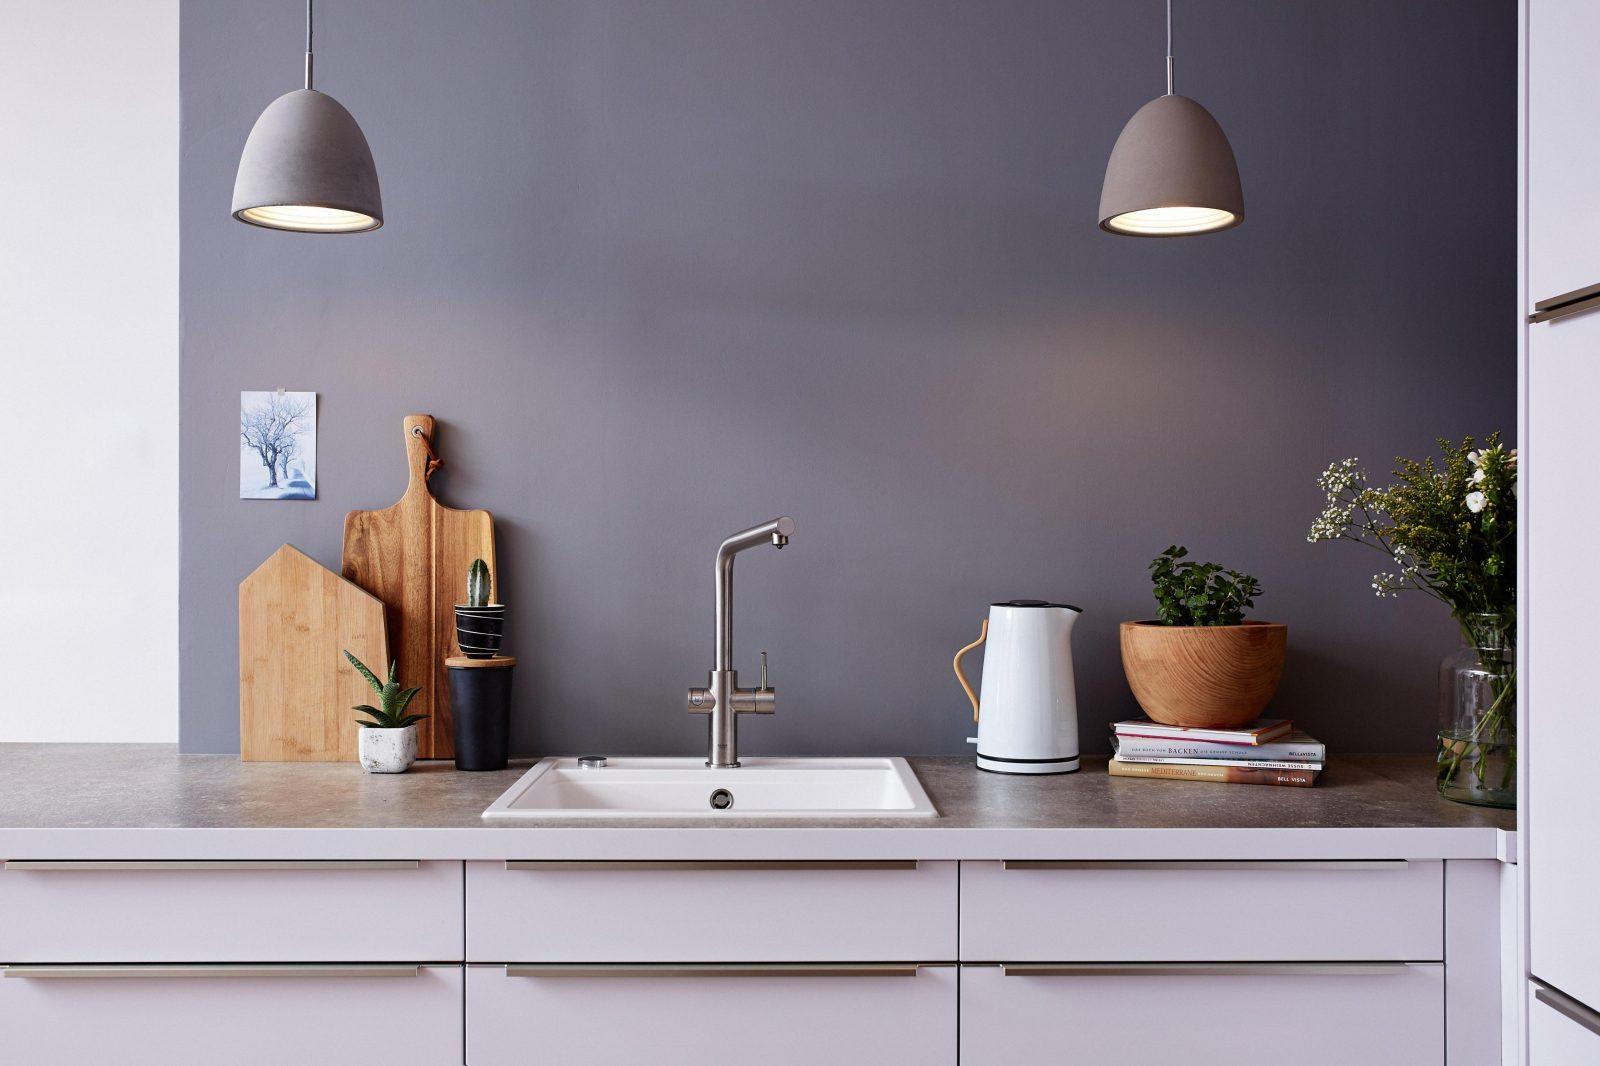 Kuche Dekorieren Tipps Latest Genial Fabelhafte Dekoration Tipps von Dekoration Für Die Küche Bild